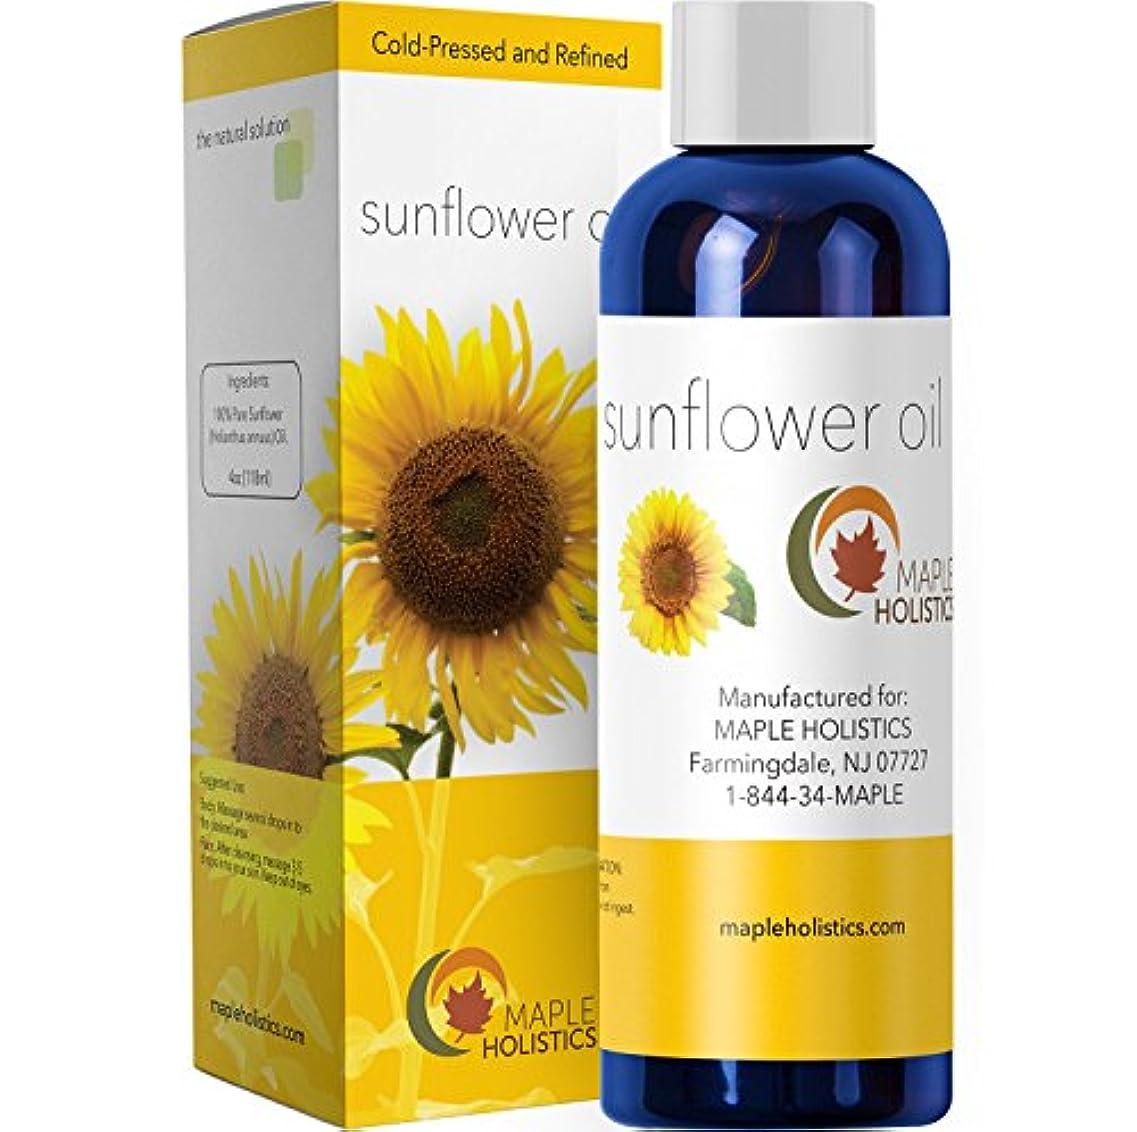 ベース踏みつけペルメルPure Sunflower Seed Oil - Cold Pressed for Greatest Efficacy - Use on Hair, Skin & Body for Advanced Hydration...